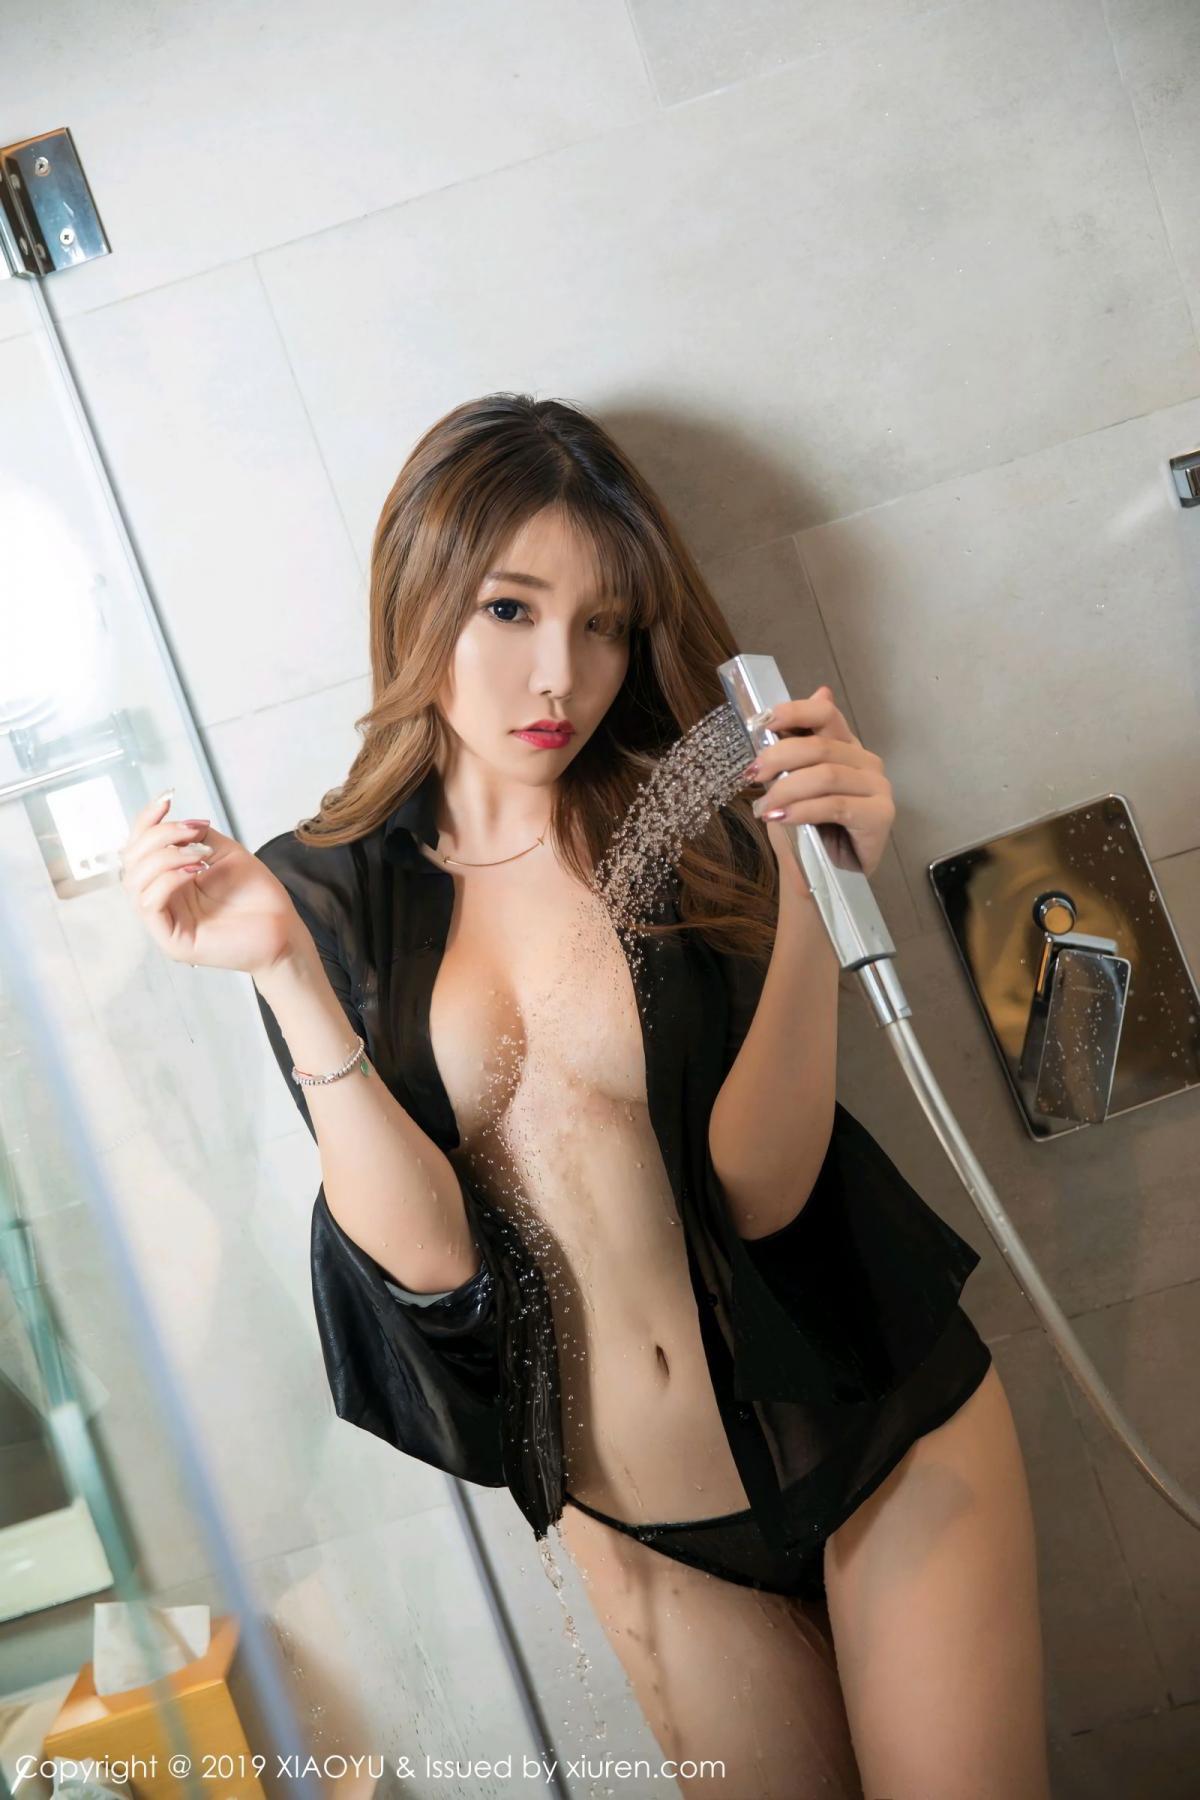 [XiaoYu] Vol.105 Chen Zhi 26P, Bathroom, Big Booty, Chen Zhi, Wet, XiaoYu